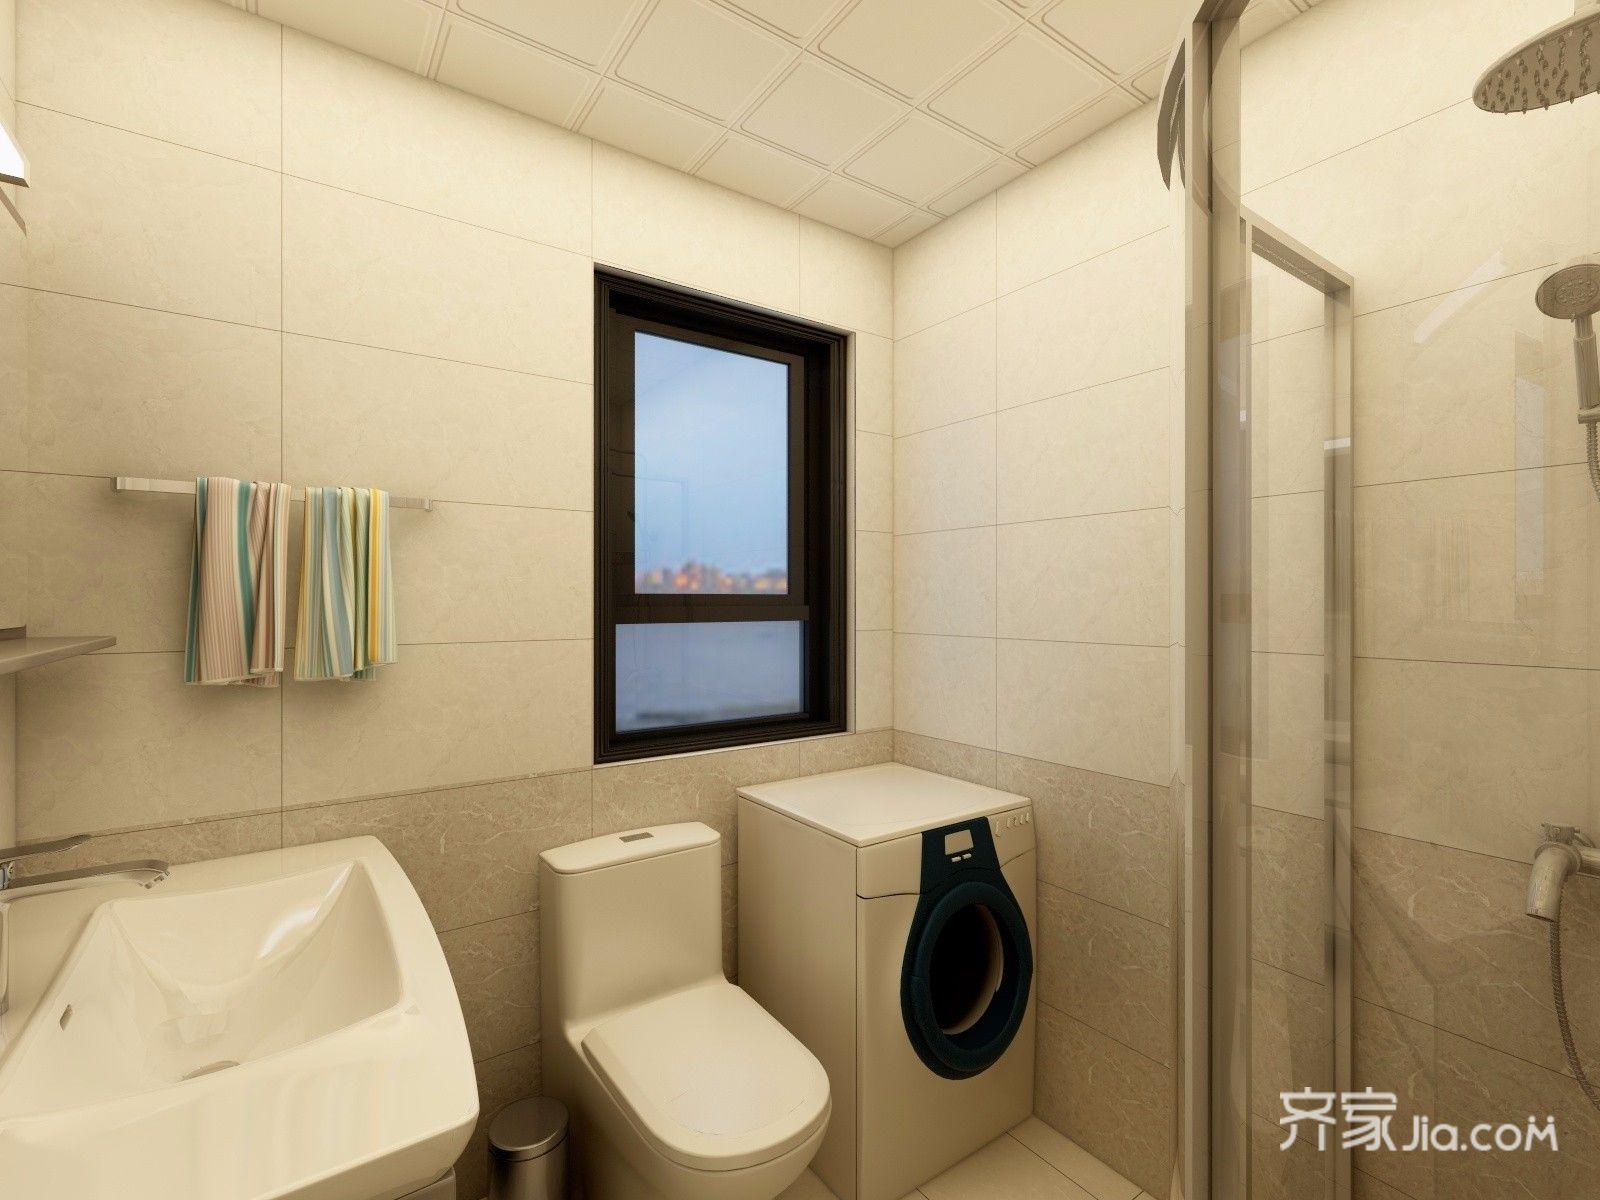 90㎡简约三居室卫生间装修效果图